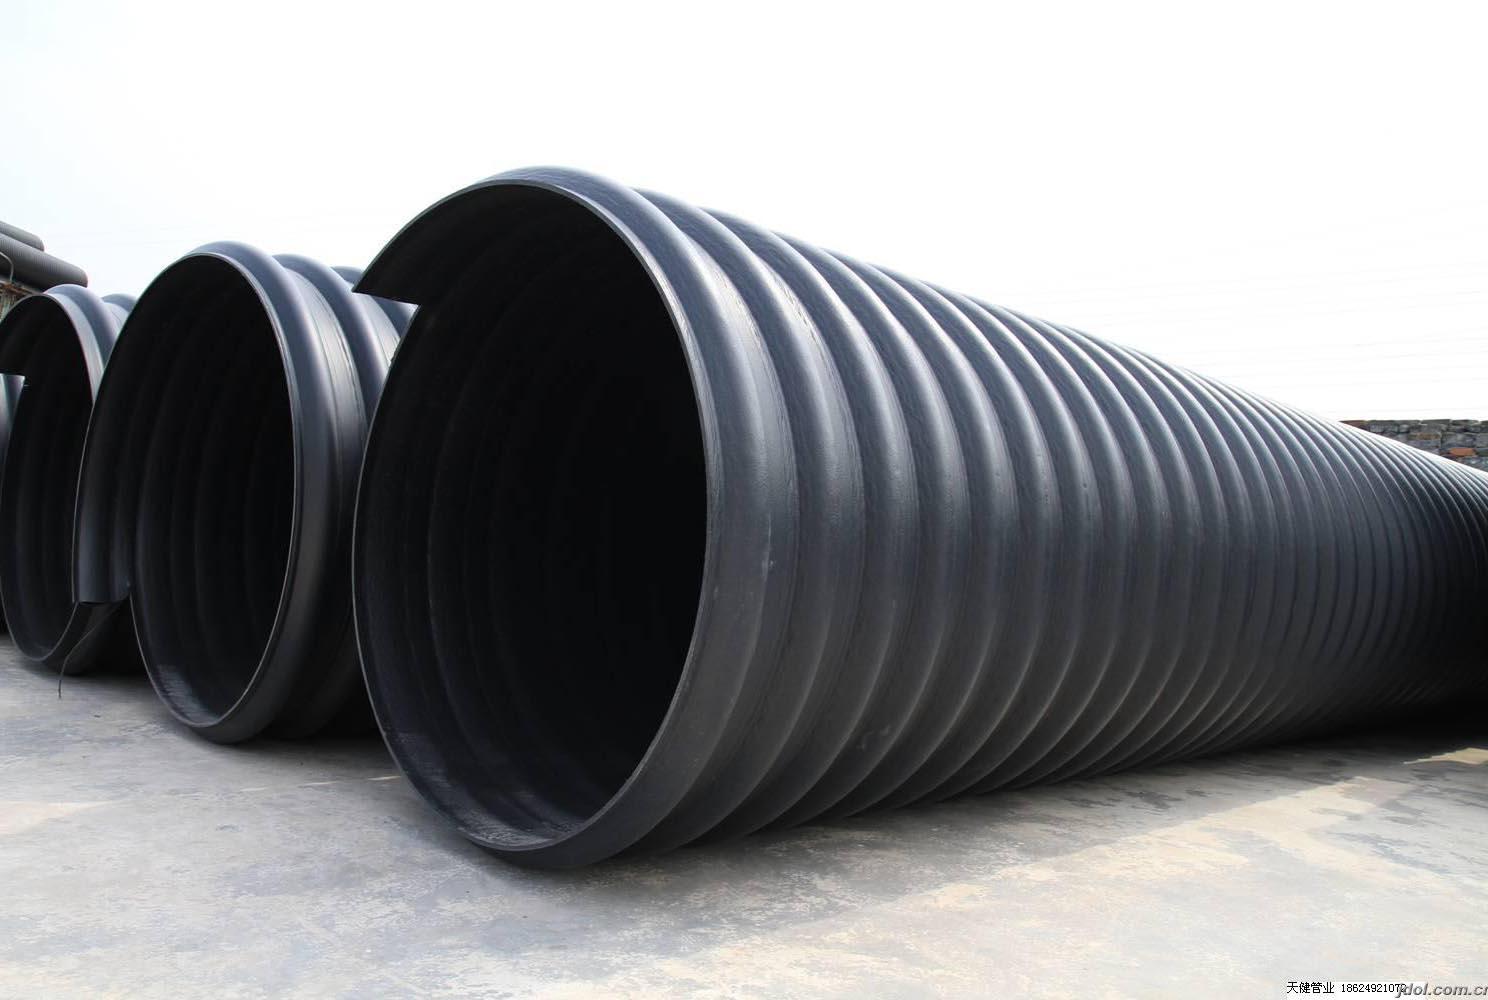 卓美达环保科技为你介绍四川钢带波纹管的施工规范要求